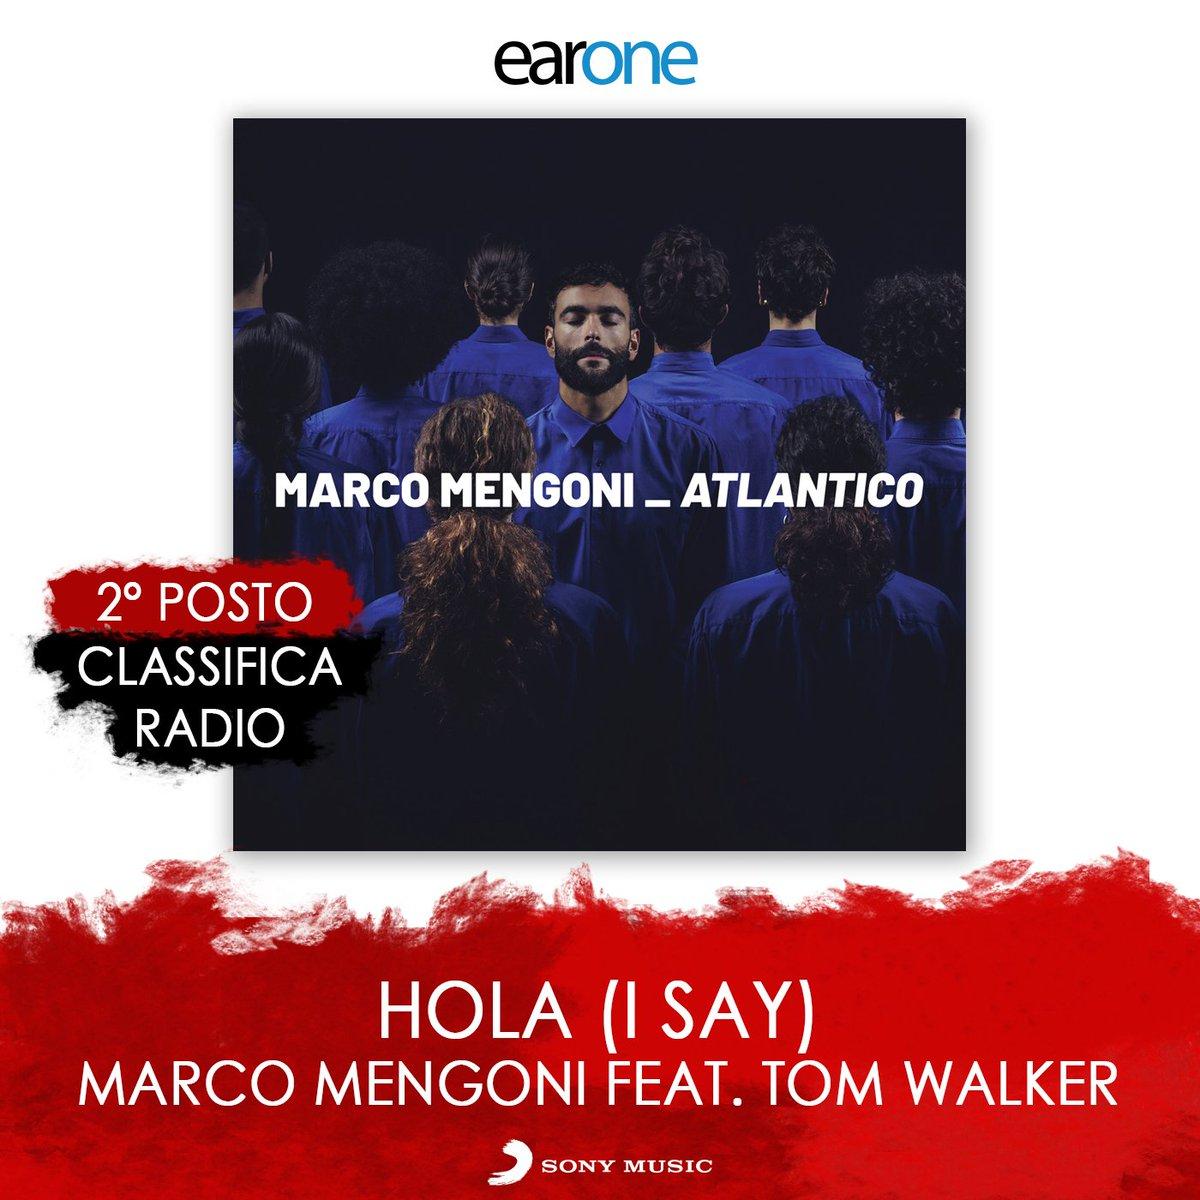 #Hola (I Say) di @mengonimarco feat. @IamTomWalker è nuovamente sul podio dei brani più passati dalle radio 👏🎧